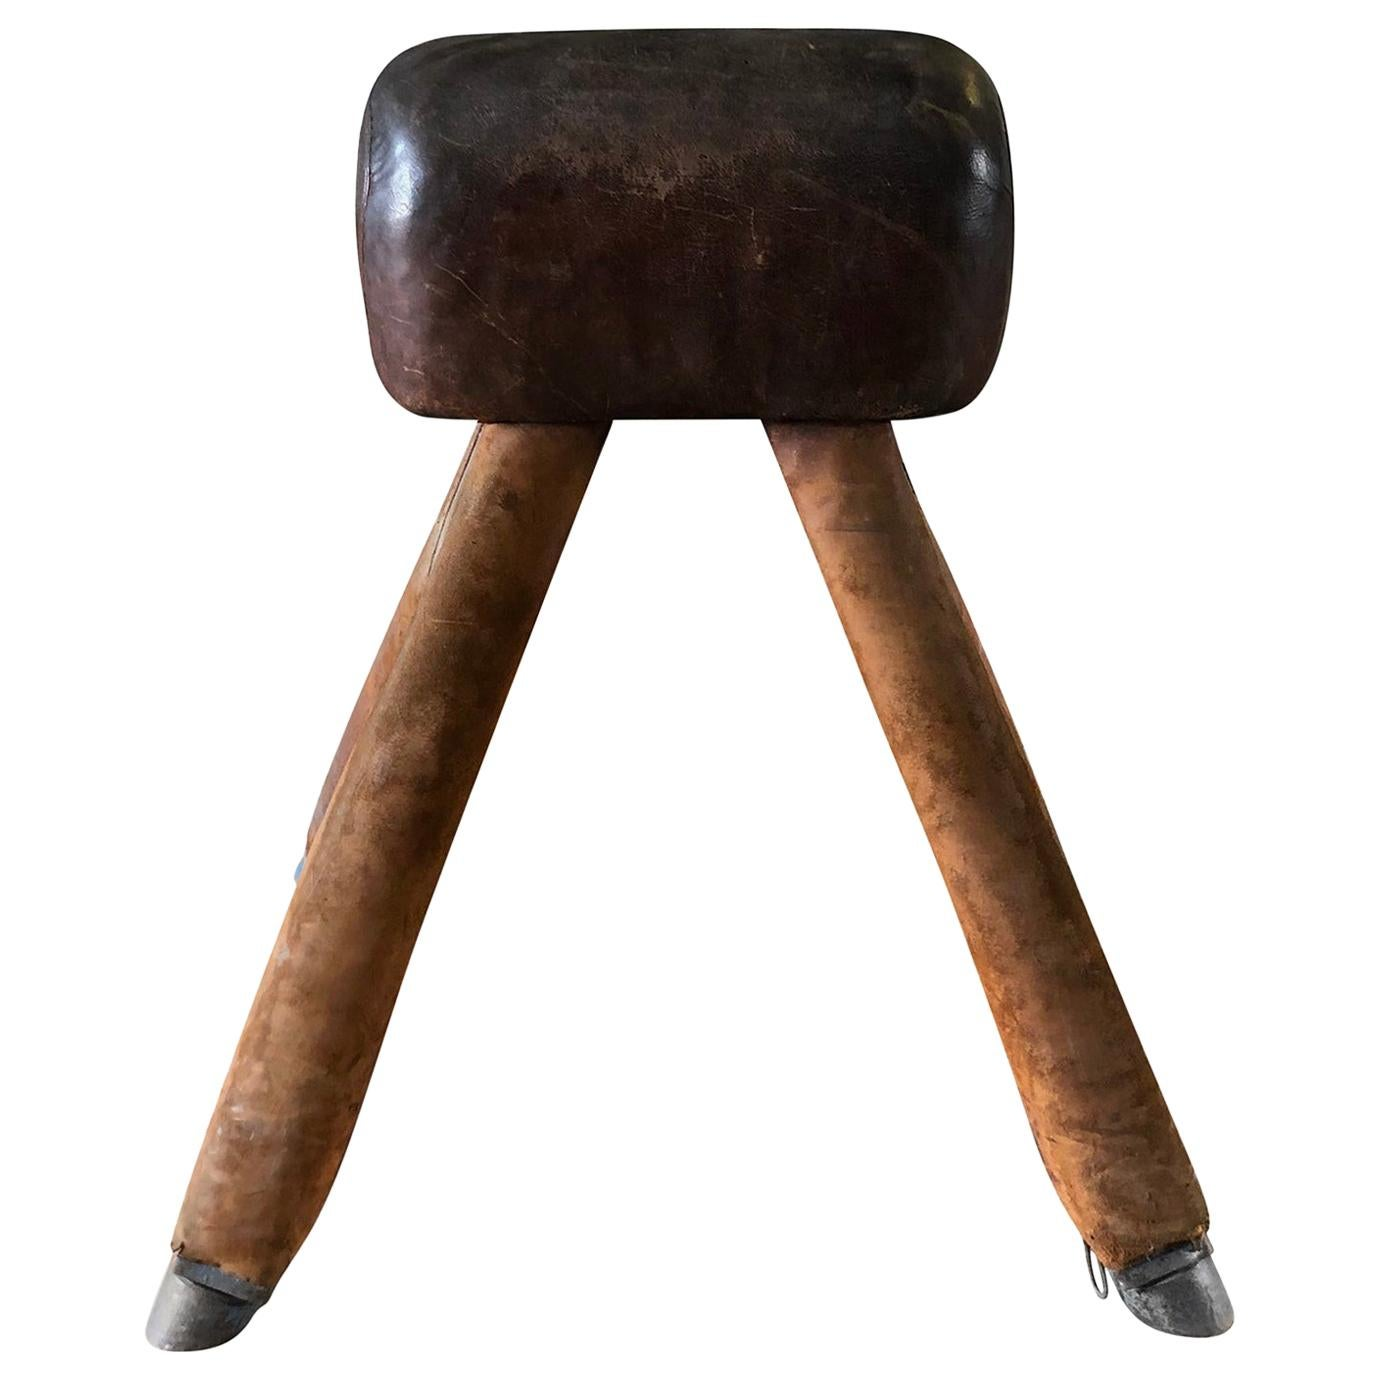 20th Century Dark-Brown French Wooden, Metal Pommel Horse